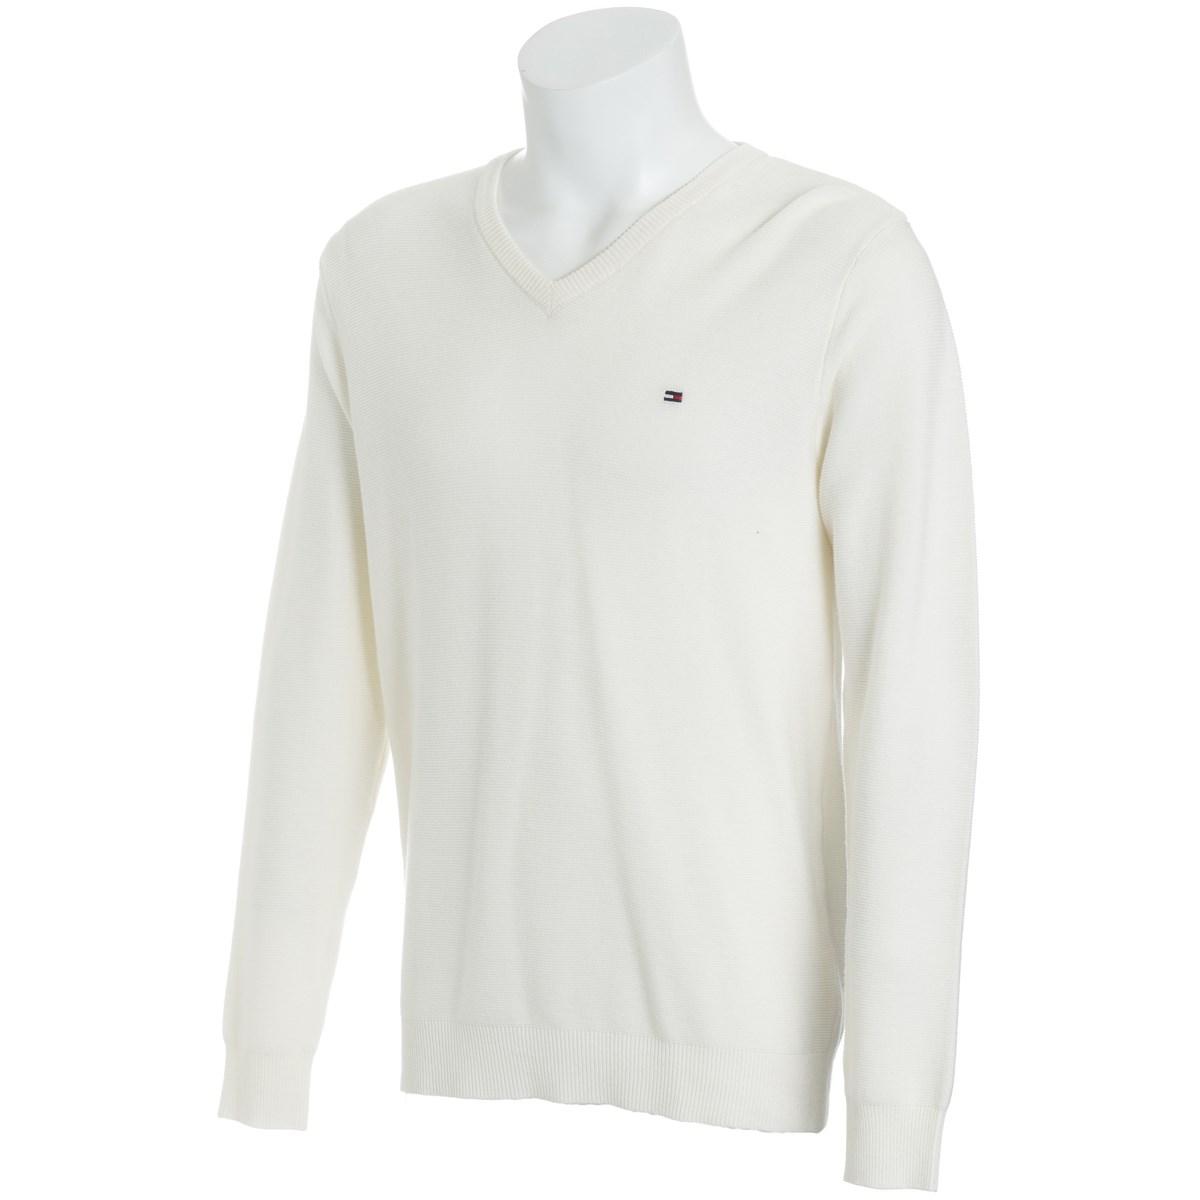 トミーヒルフィガー(Tommy Hilfiger) BASIC V NECK セーター